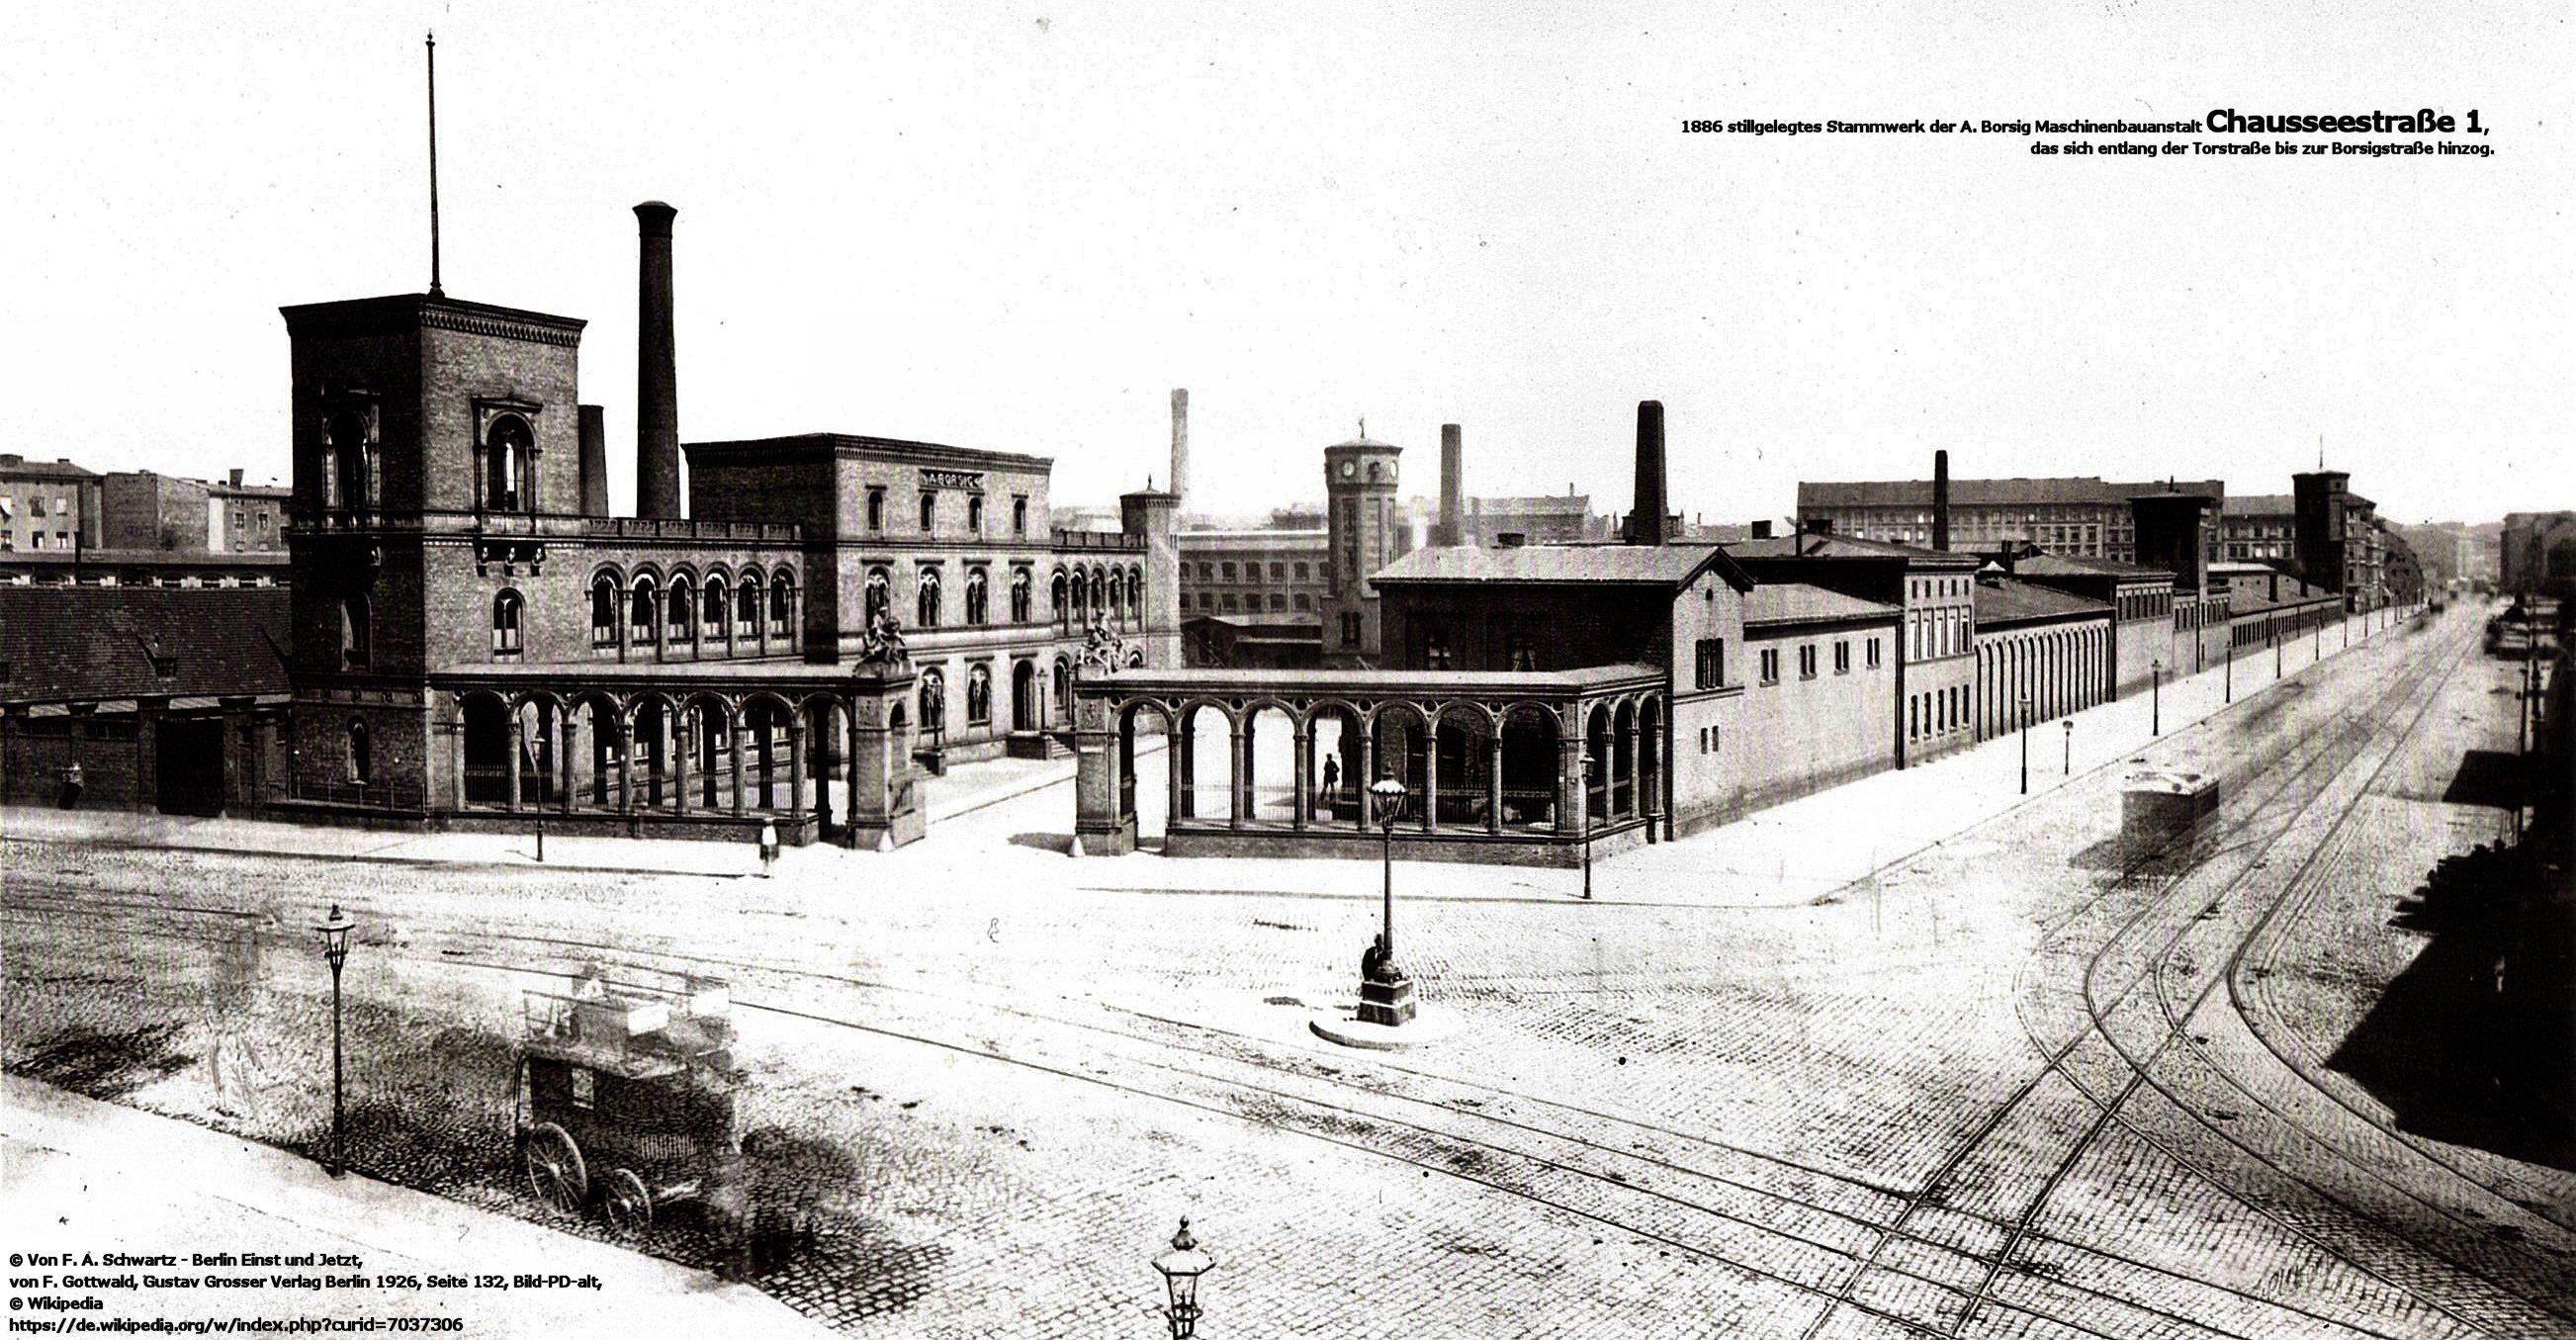 1886 stillgelegtes Stammwerk der A. Borsig Maschinenbauanstalt Chausseestraße 1, das sich entlang der Torstraße bis zur Borsigstraße hinzog.